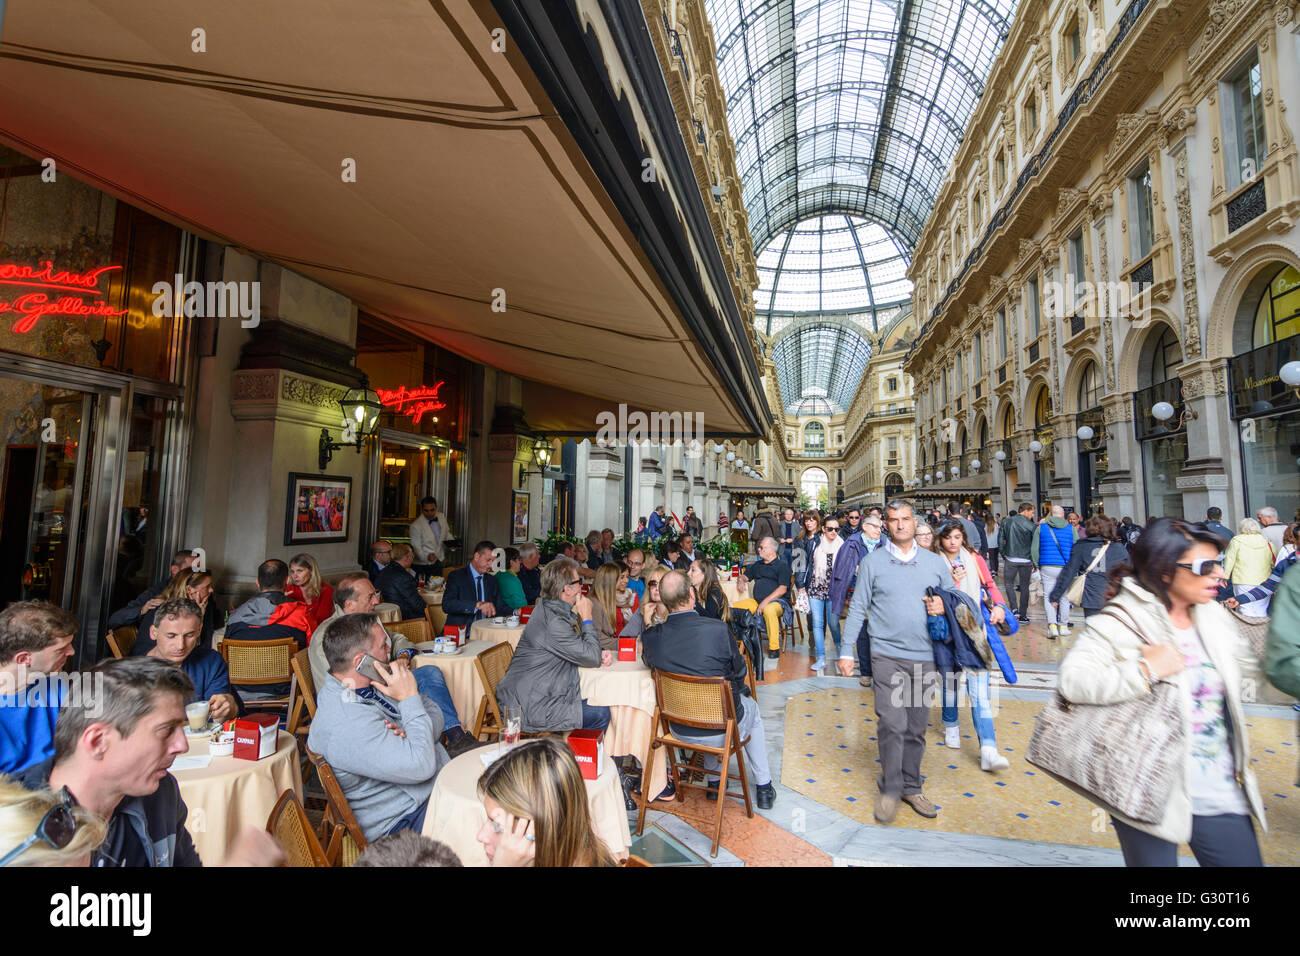 Galleria Vittorio Emanuele Ii Bar Stock Photos Galleria